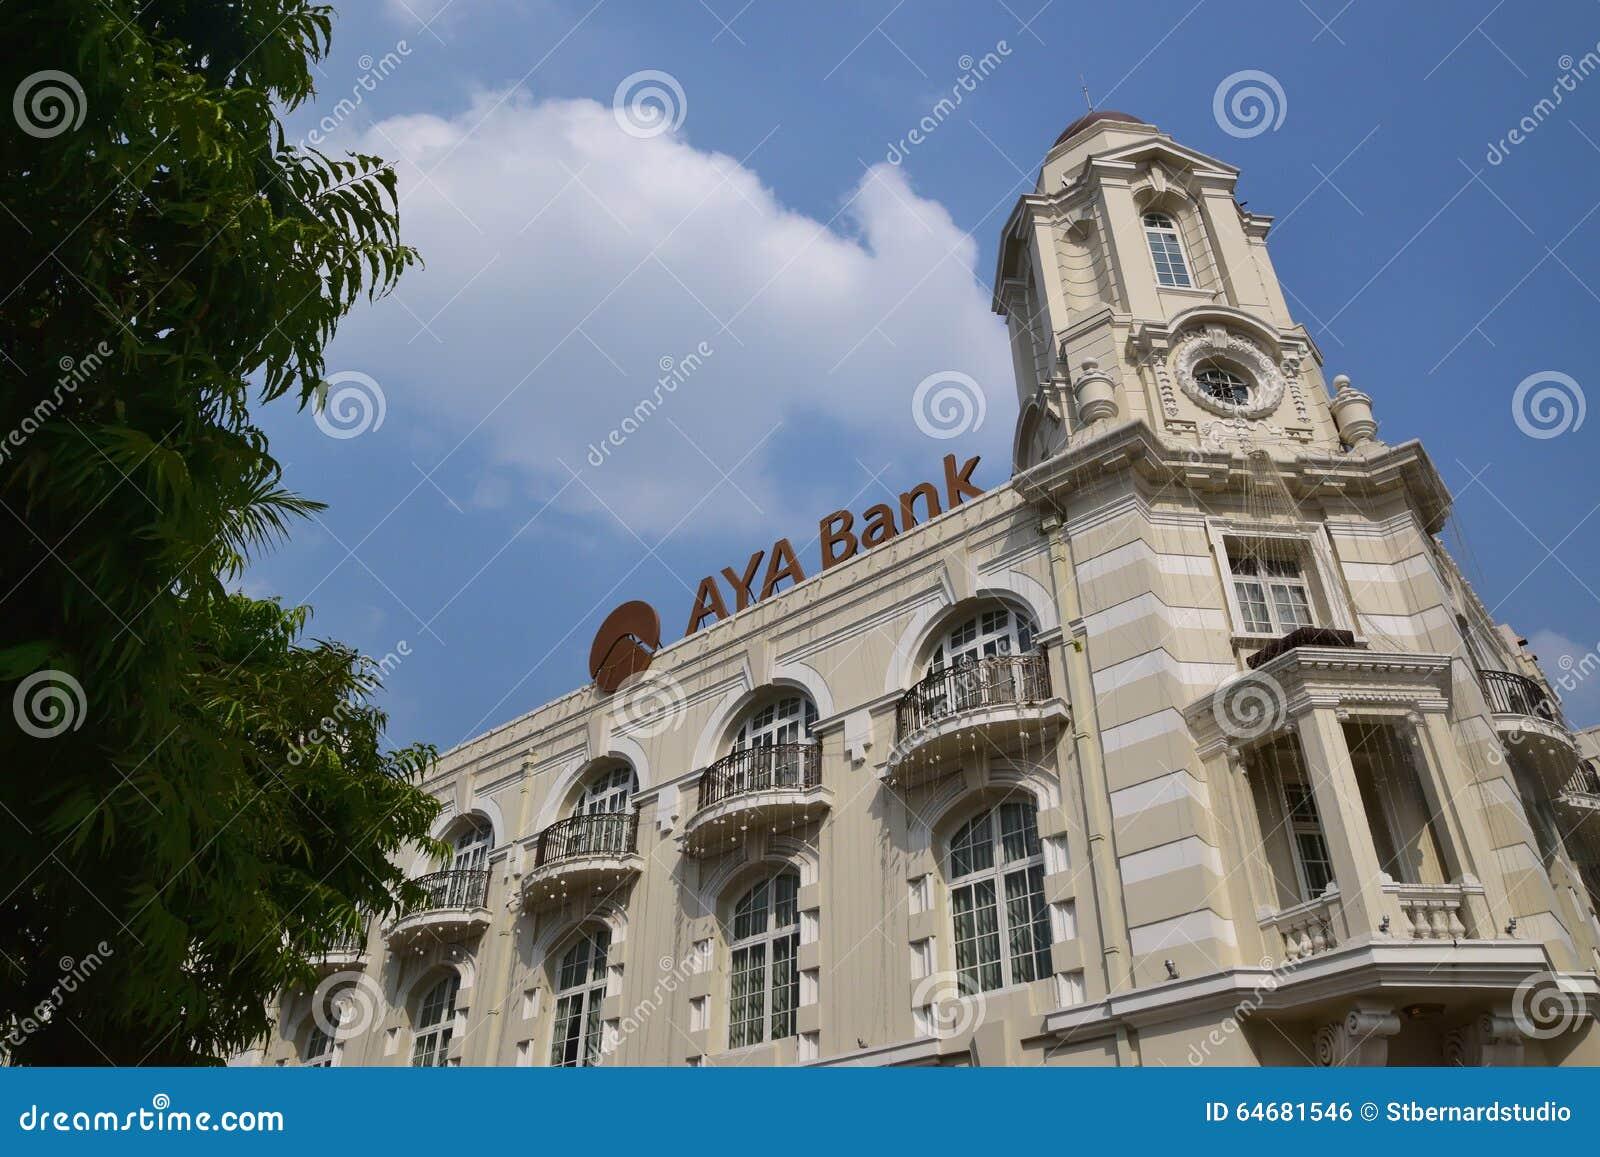 Colonial Styled Building Of Aya Bank In Yangon Myanmar